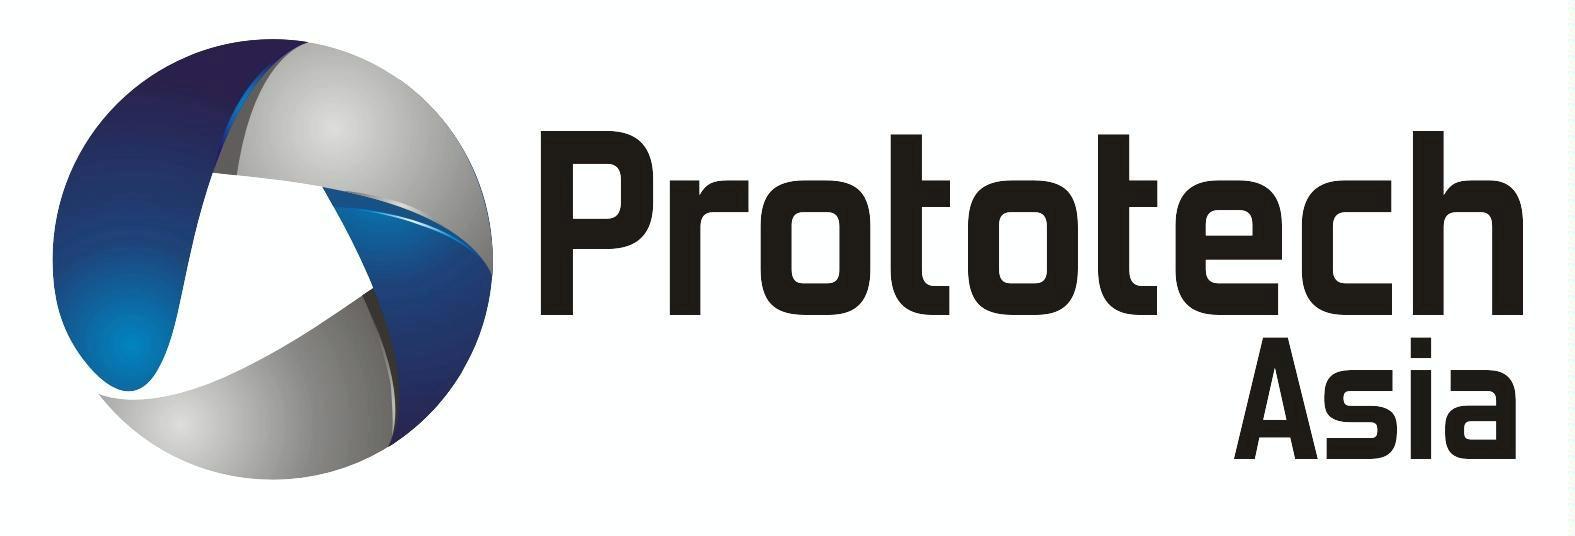 Prototech Asia